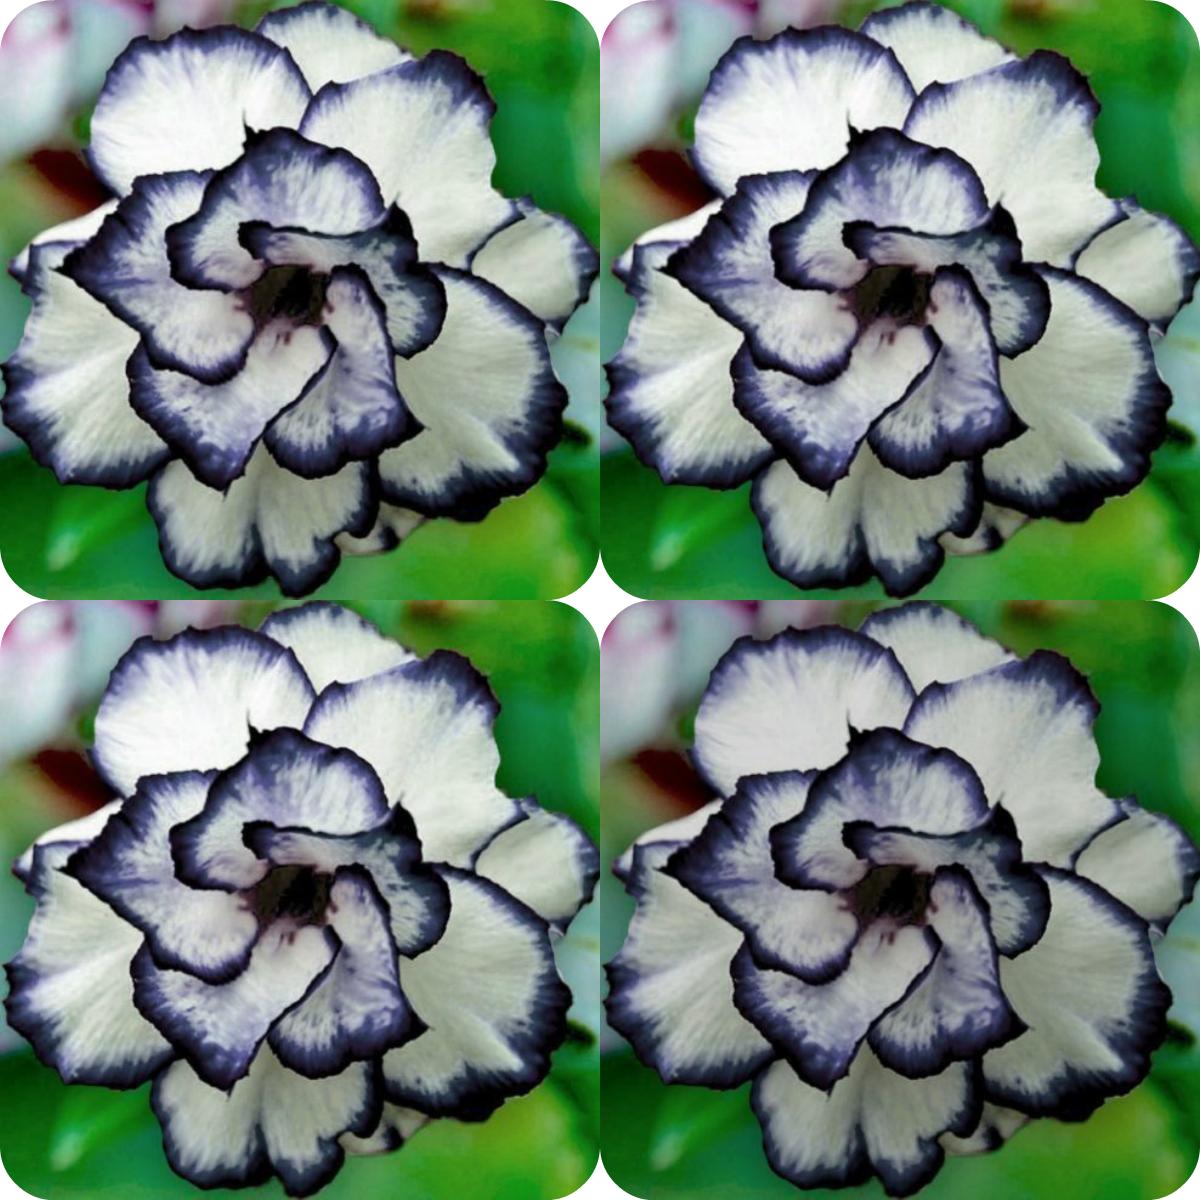 Fiori Da Vaso Perenni 100 pezzi rare nero bianco desert rose semi adenium obesum fiore perenne  piante esotiche semi di fiori bloom balcone giardino giardino